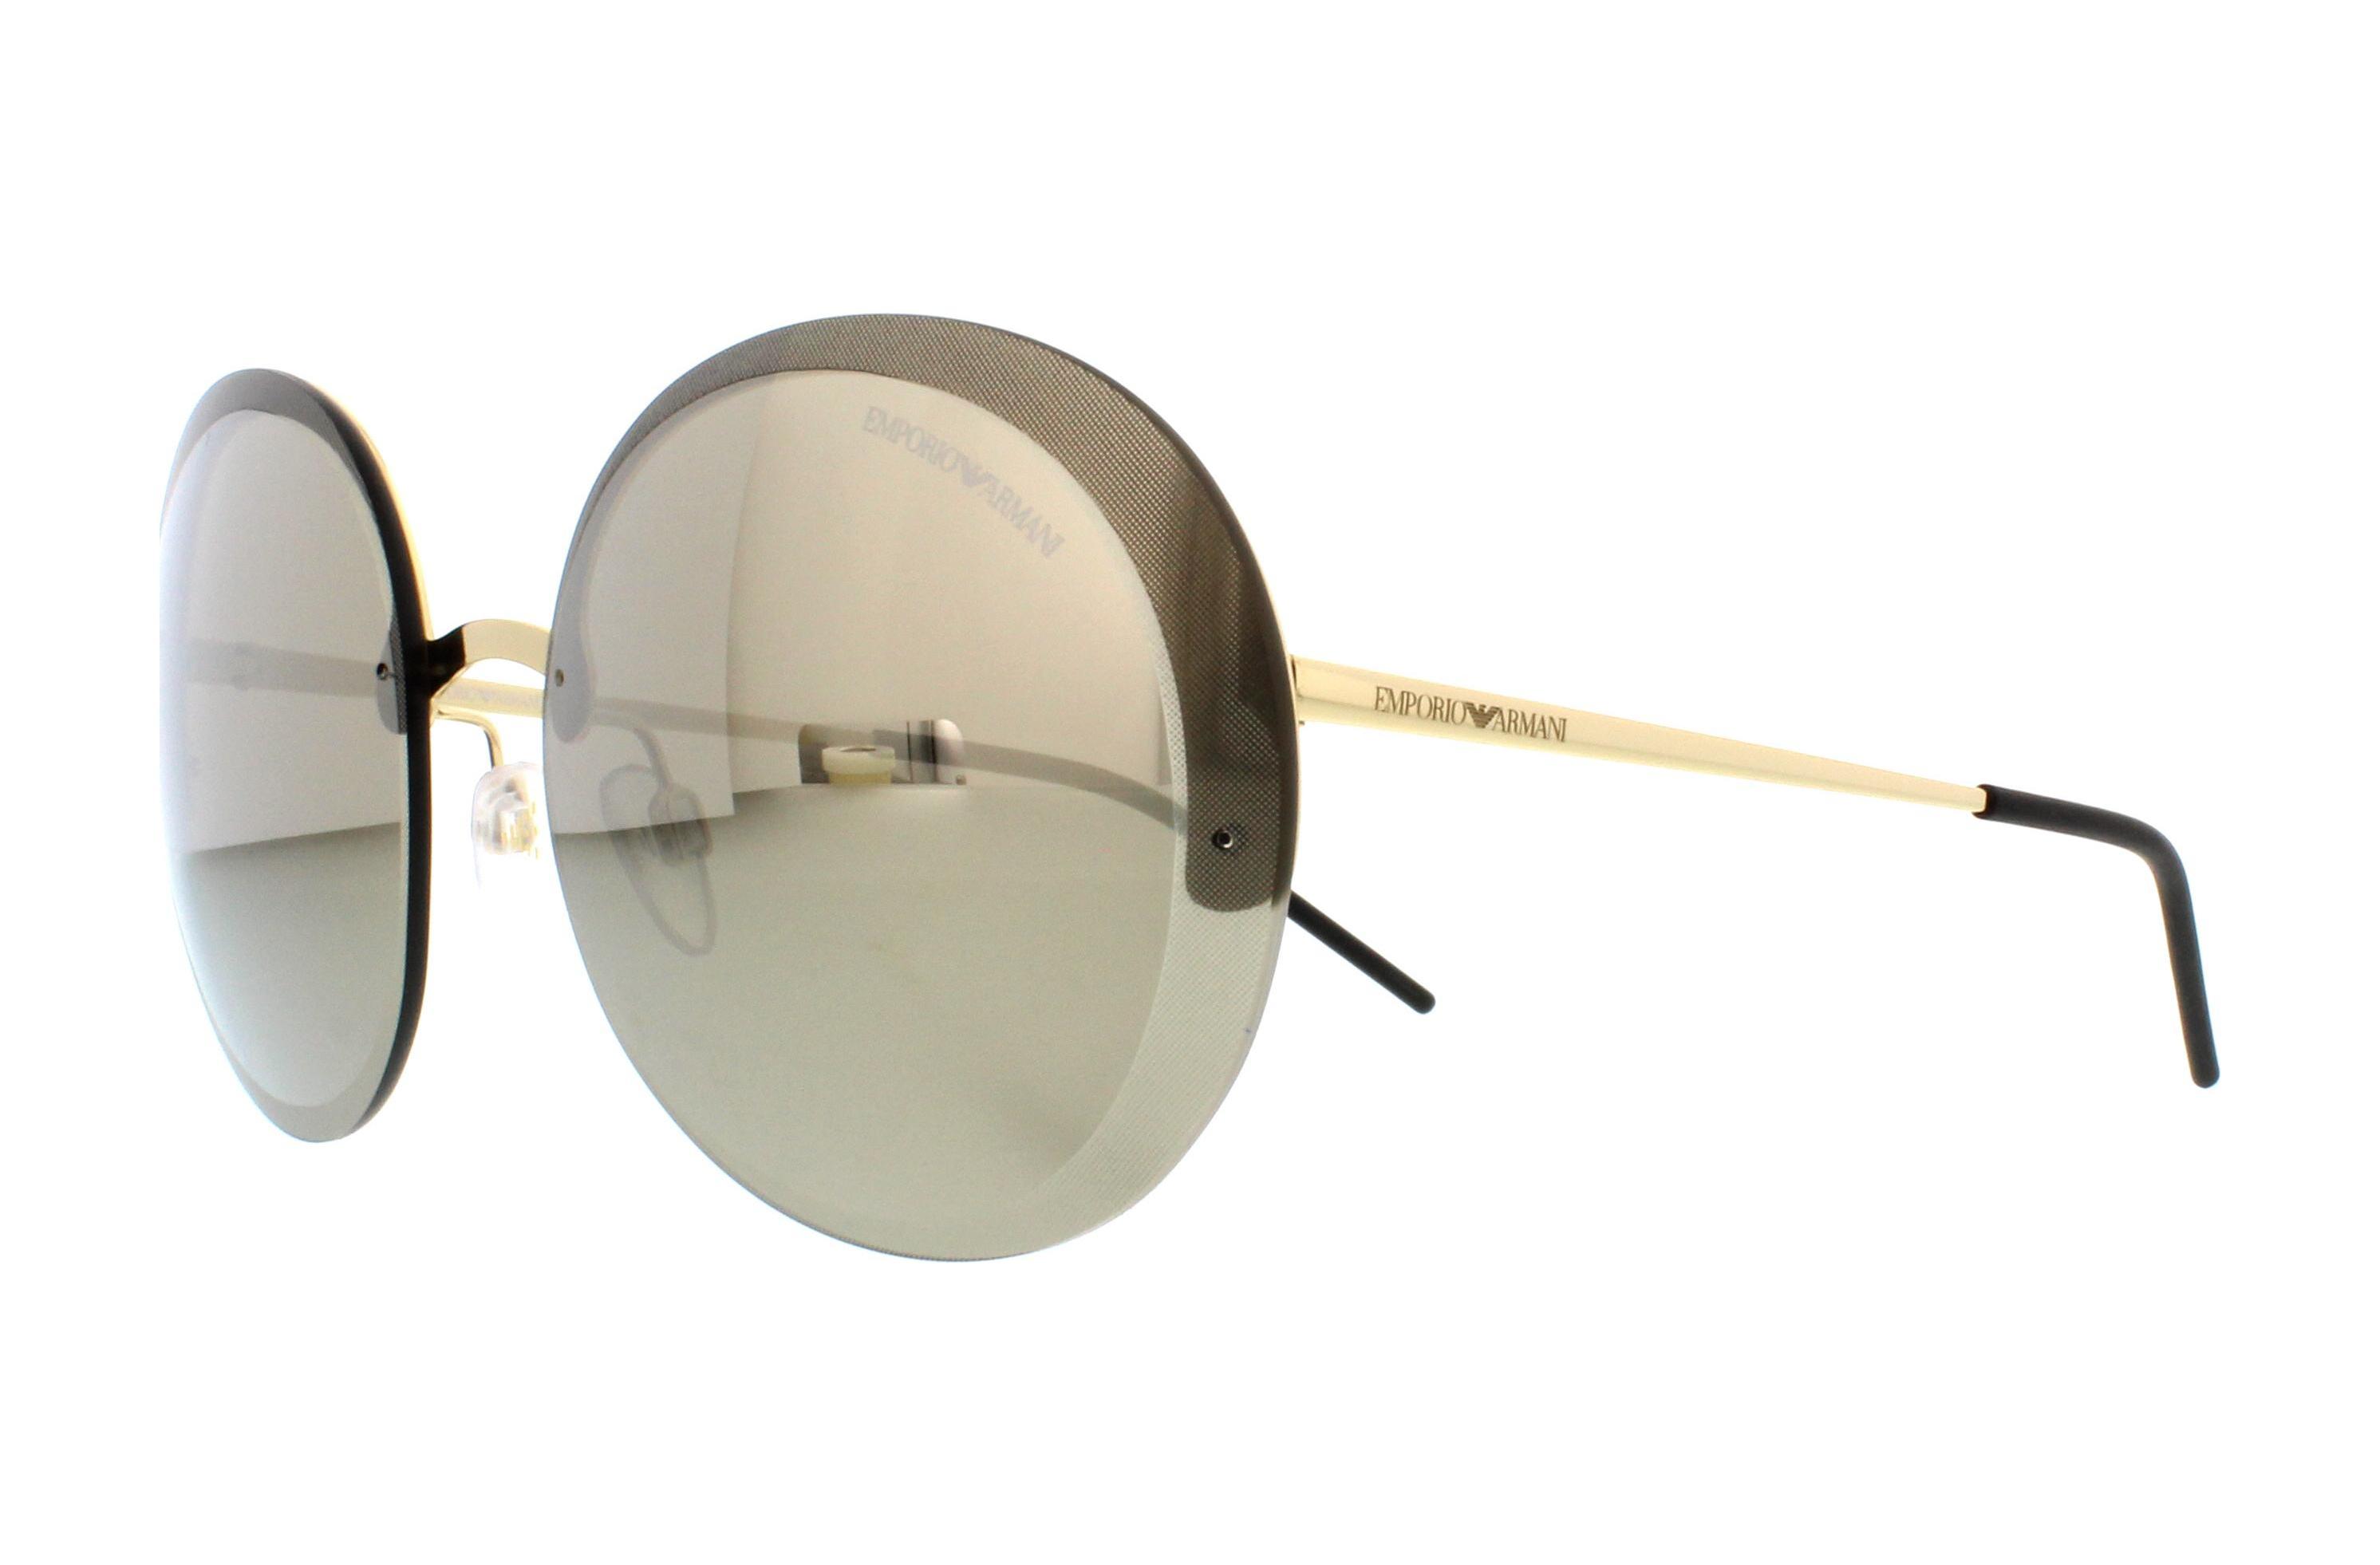 7453cd7f96d EMPORIO ARMANI Sunglasses EA2044 31245A Pale Gold 61MM 8053672641936 ...